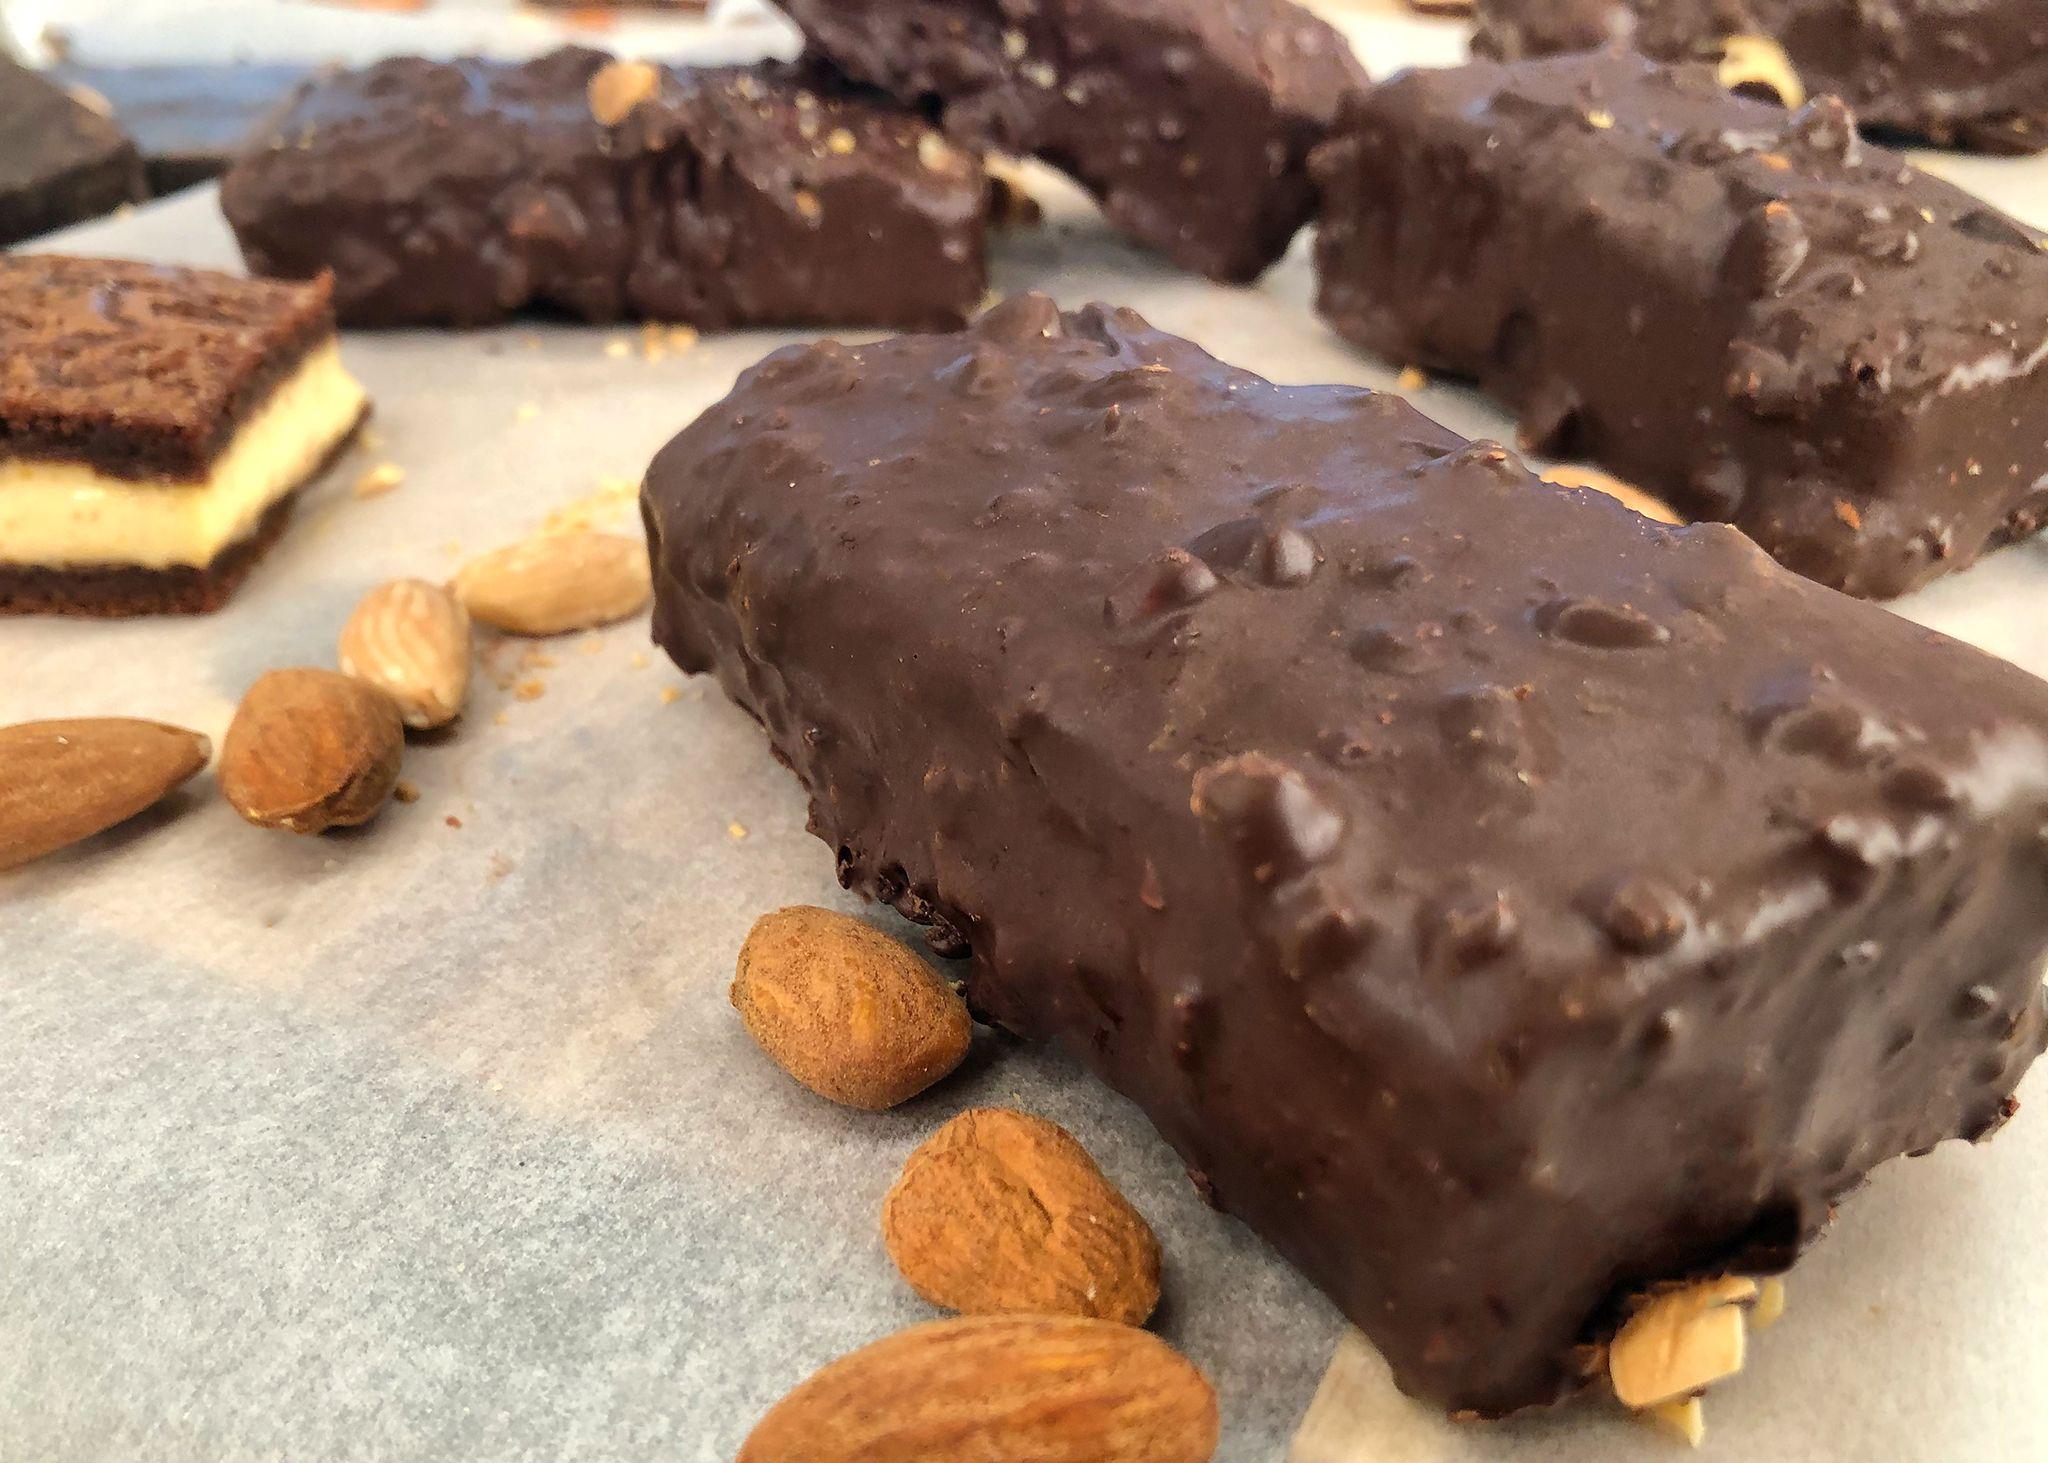 Παγωτό Σάντουιτς Βανίλια με Επικάλυψη Σοκολάτας